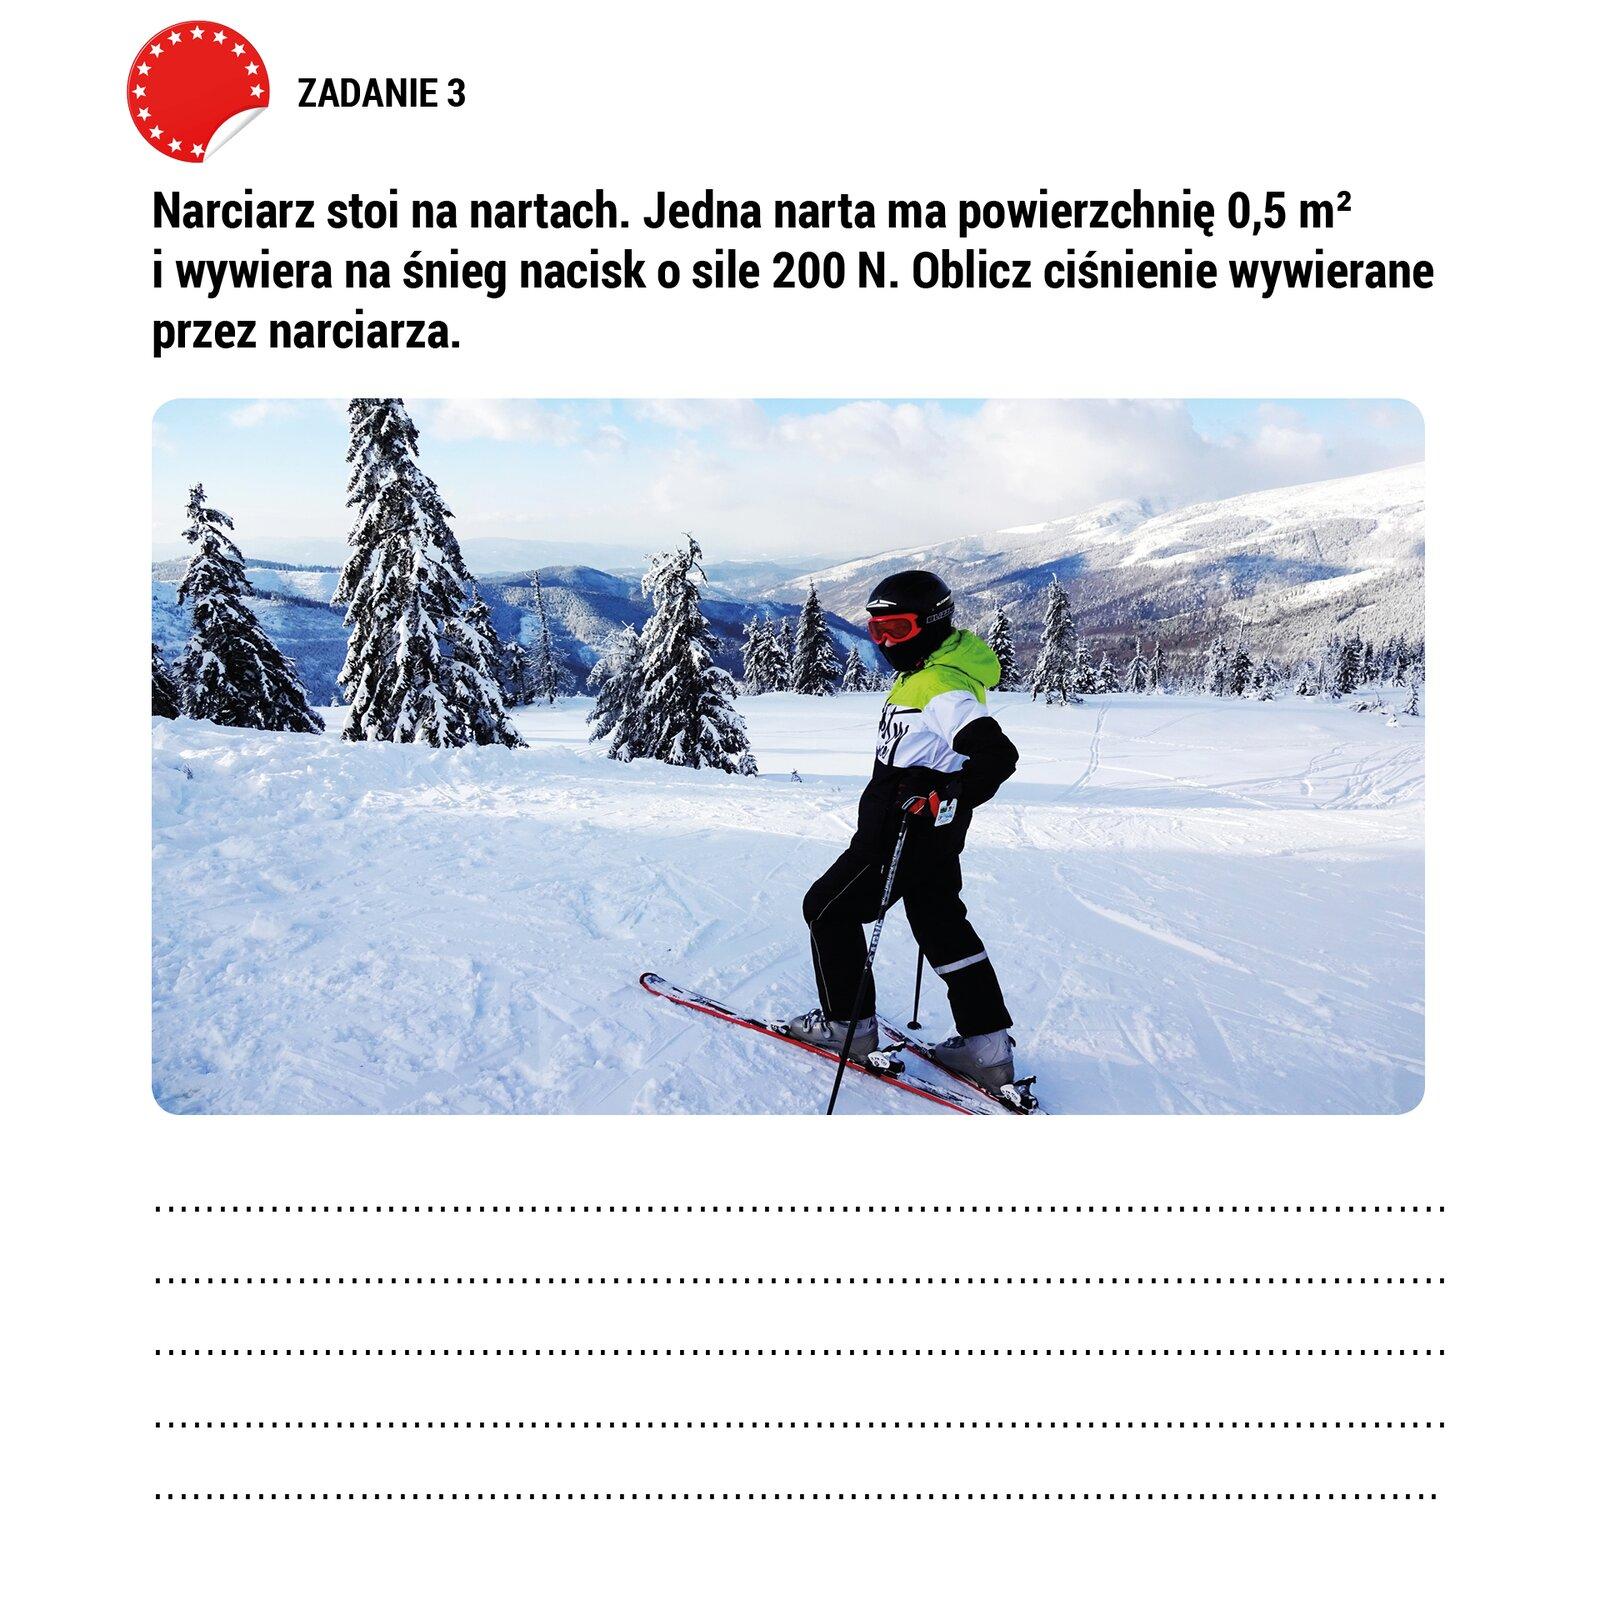 """Ilustracja przedstawia pracę domową. Poniżej napisu """"ZADANIE 3"""" napisana jest treść : """" Narciarz stoi na nartach. Jedna narta ma powierzchnię 0.5 m2 iwywiera na śnieg nacisk osile 200N. Oblicz ciśnienie wywierane przez narciarza."""". Poniżej treści zadania pokazane jest zdjęcie narciarza stojącego na ośnieżonym stoku Poniżej zdjęcia są linie narysowane linią kropkowaną umożliwiające wpisanie własnego tekstu."""